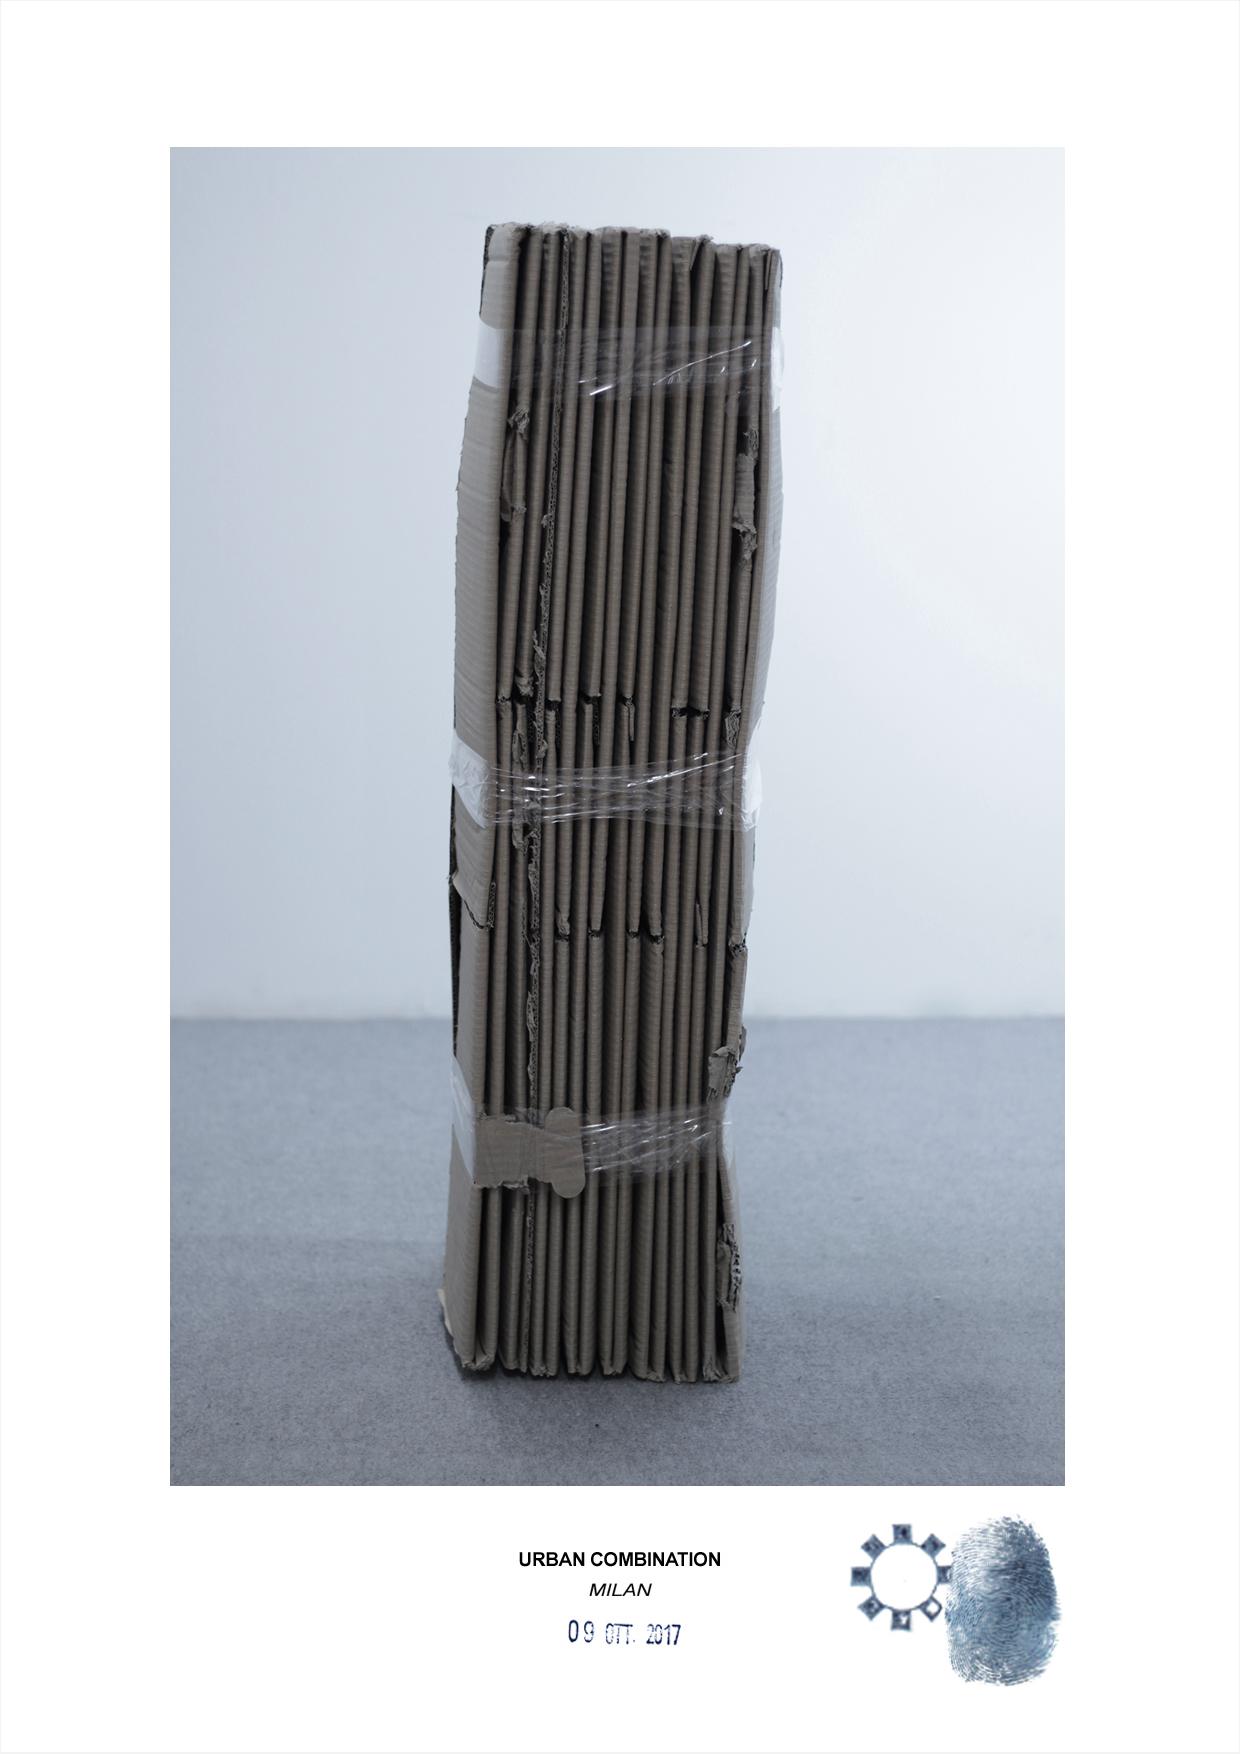 Arte contemporanea dell'artista Maurizio Di Feo. Combinazione in studio con cartone recuperato. Milano.